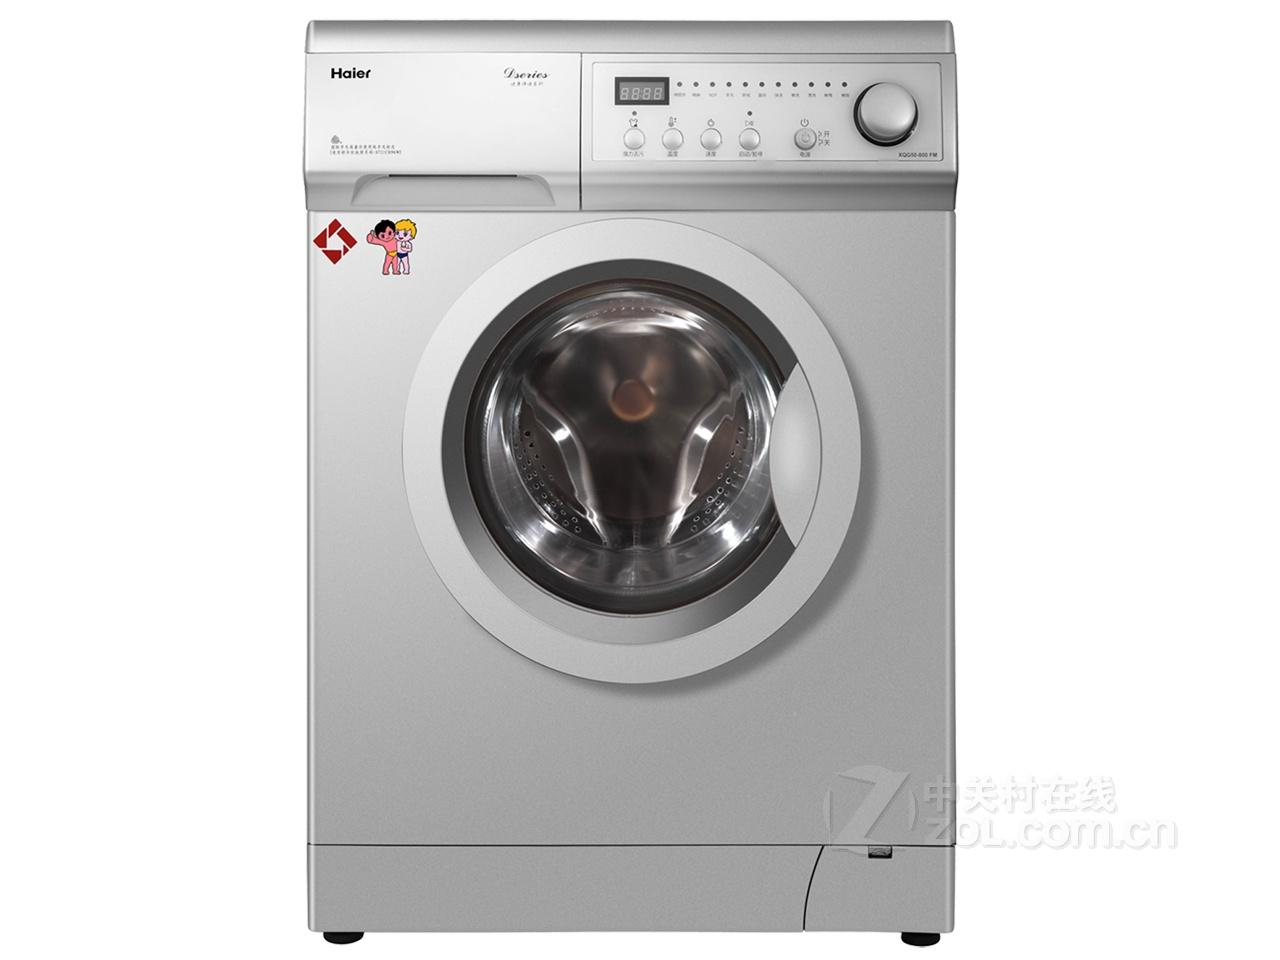 【海尔 xqg50-800 fm参数】海尔 xqg50-800 fm洗衣机